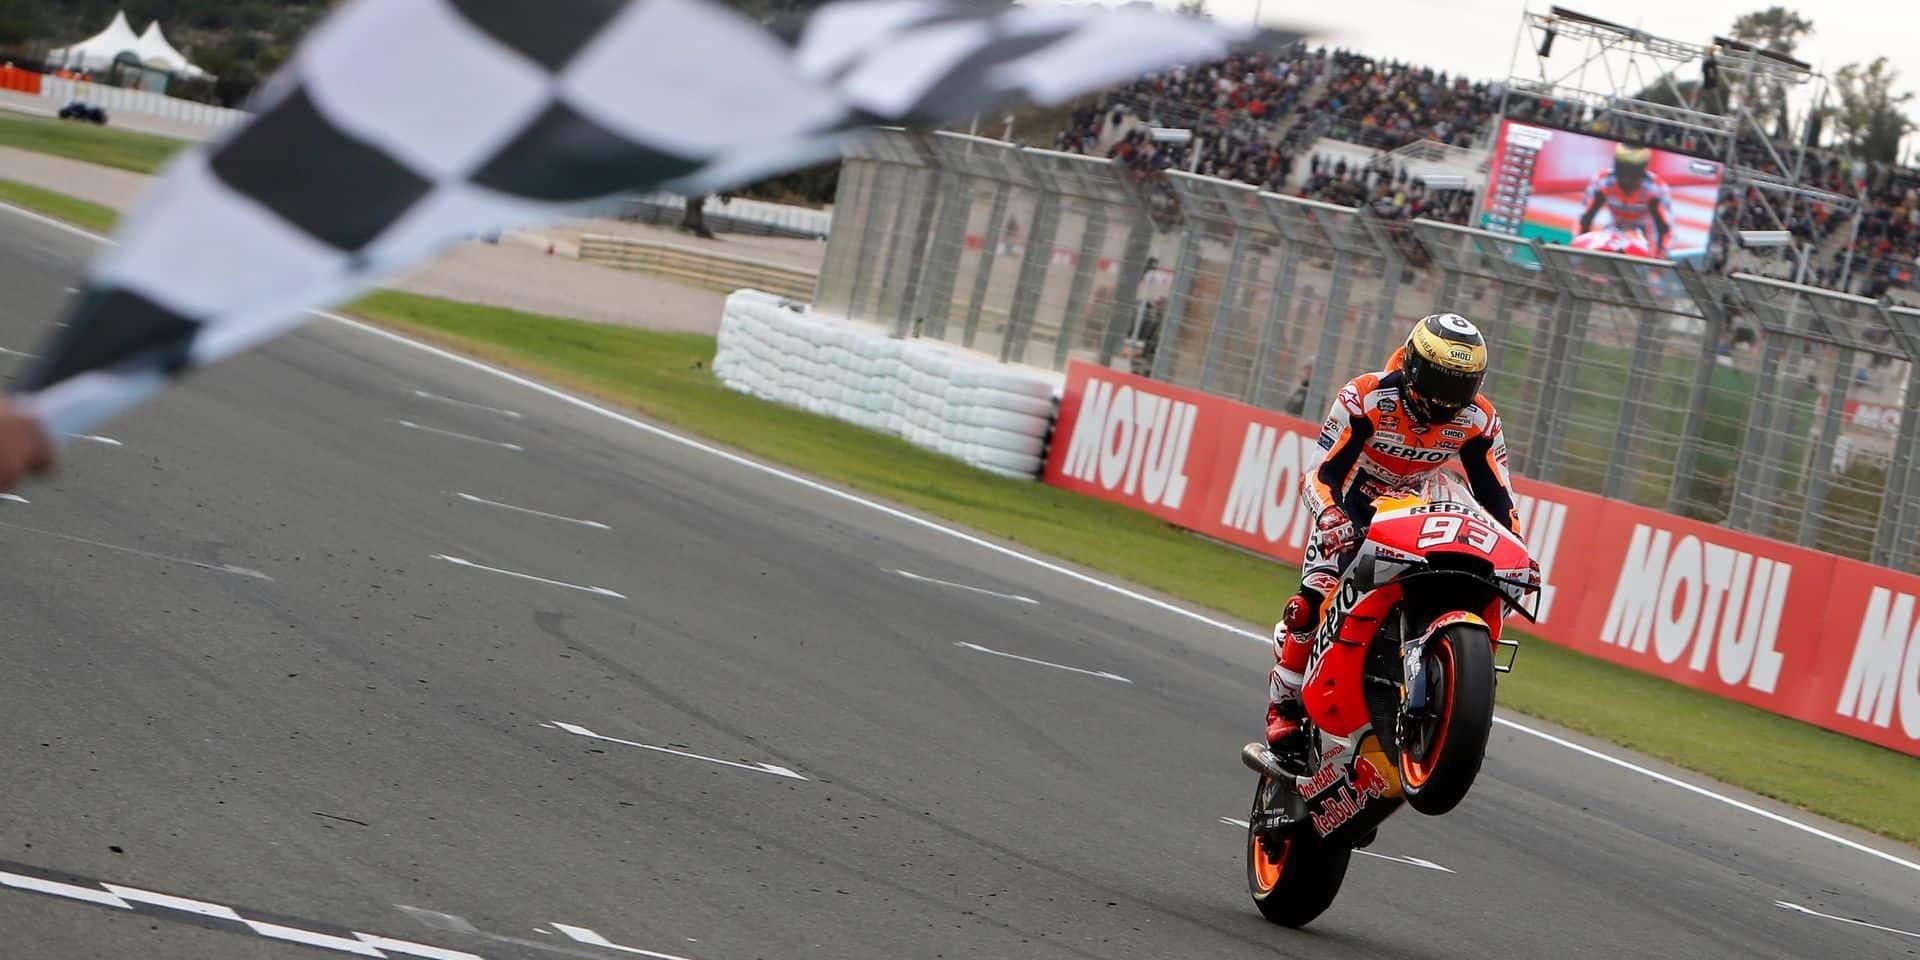 MotoGP: nouvelle victoire de Marquez à Valence devant Quartararo